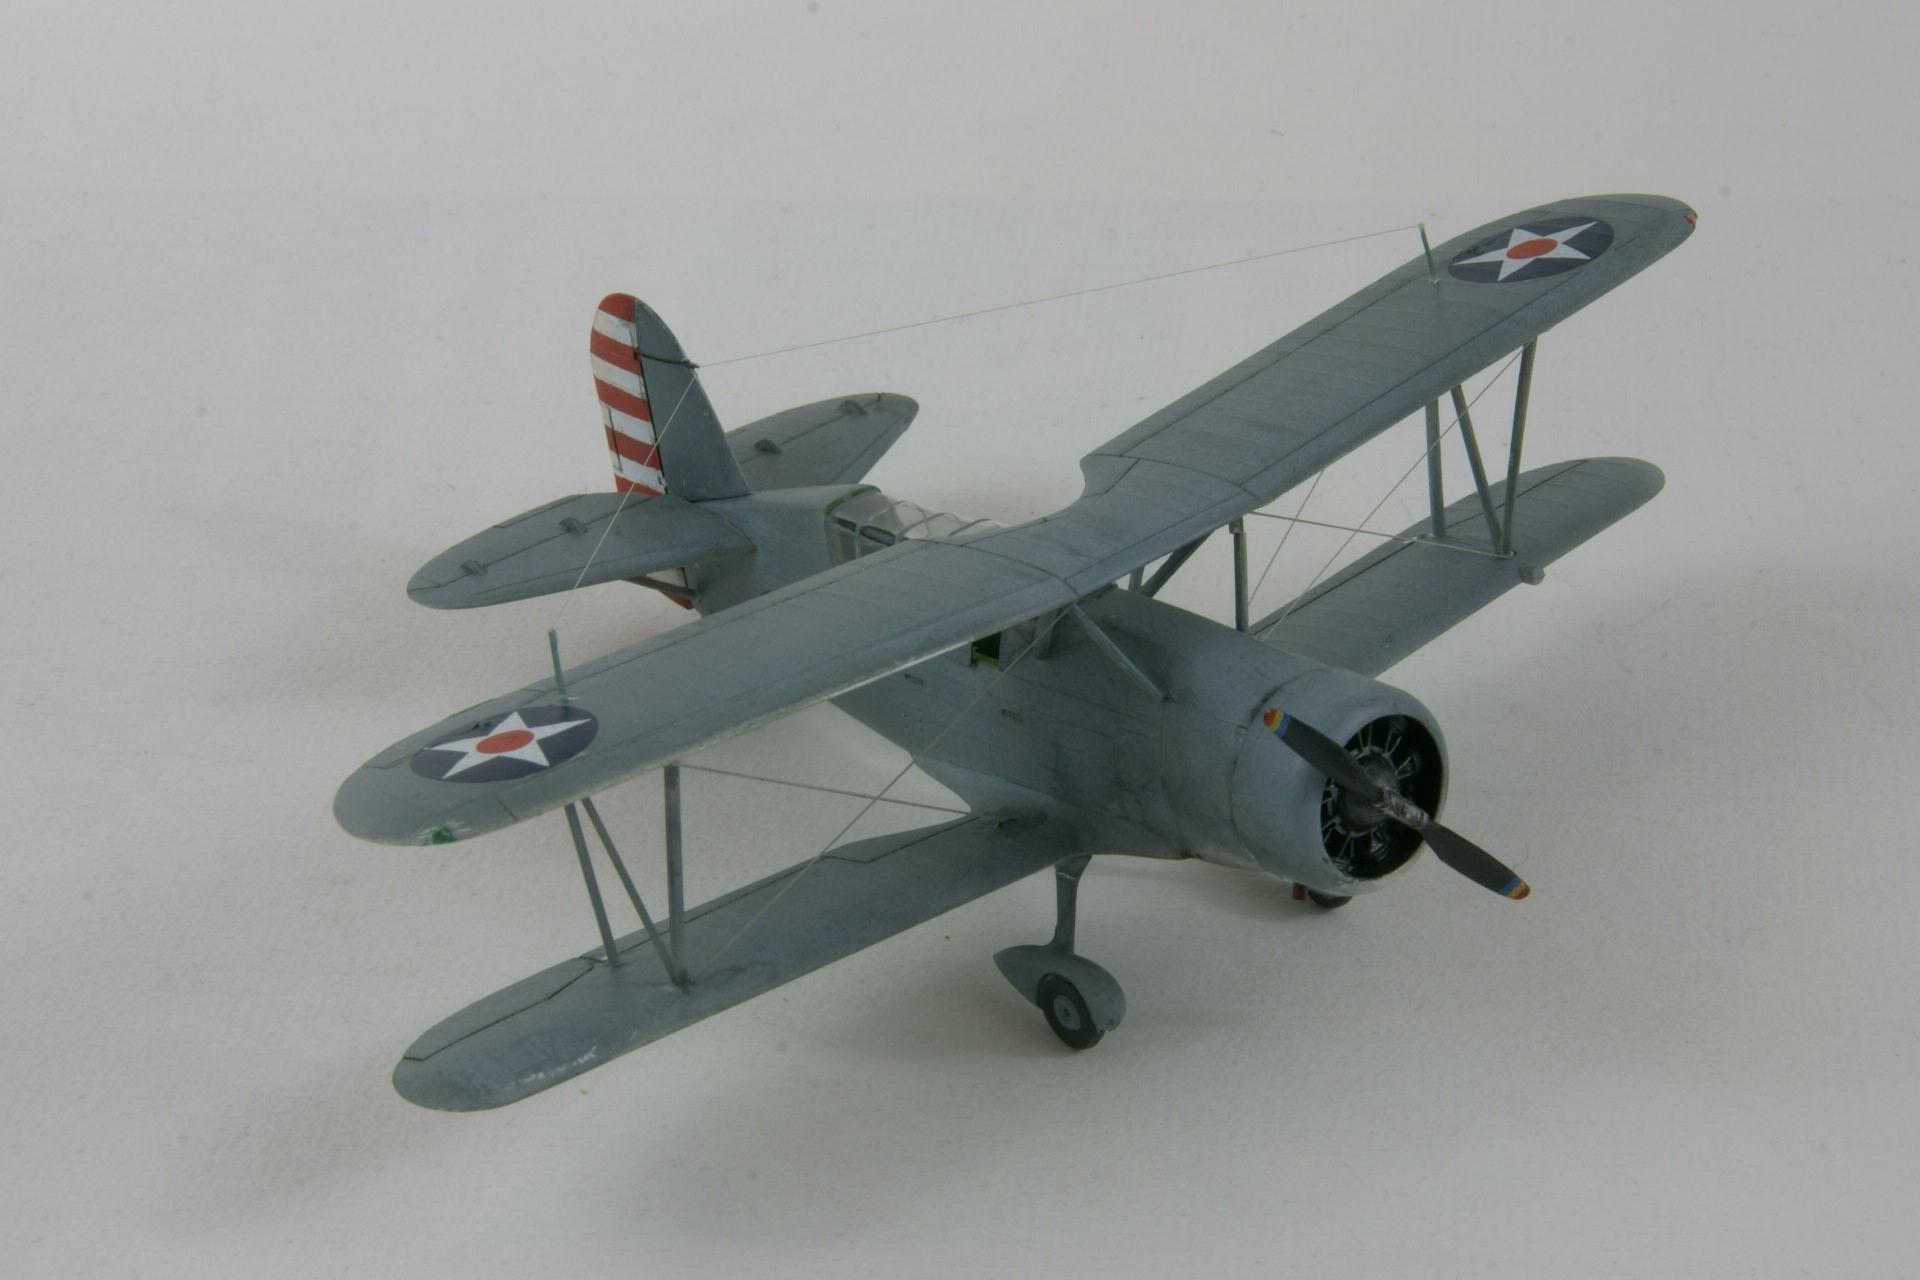 Curtiss soc 3a seagull 4